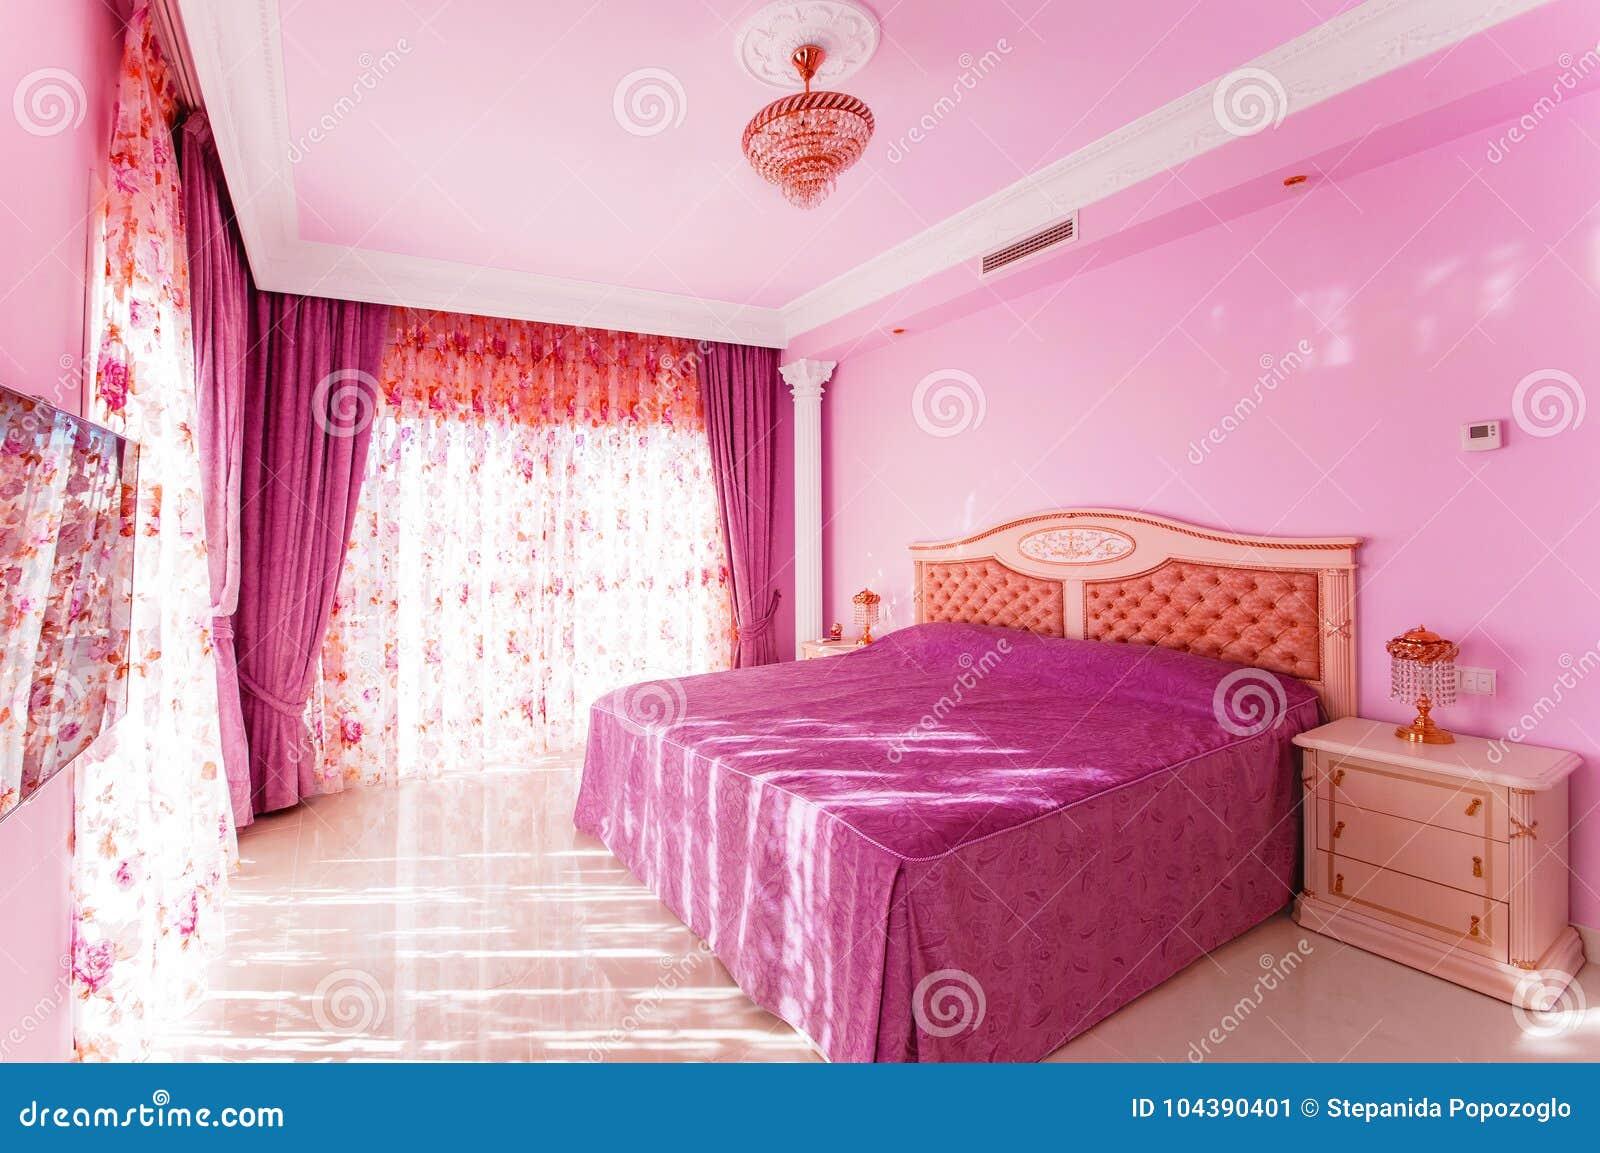 Camera Da Letto Color Rosa : Camera da letto lussuosa con un colore rosa luminoso con le